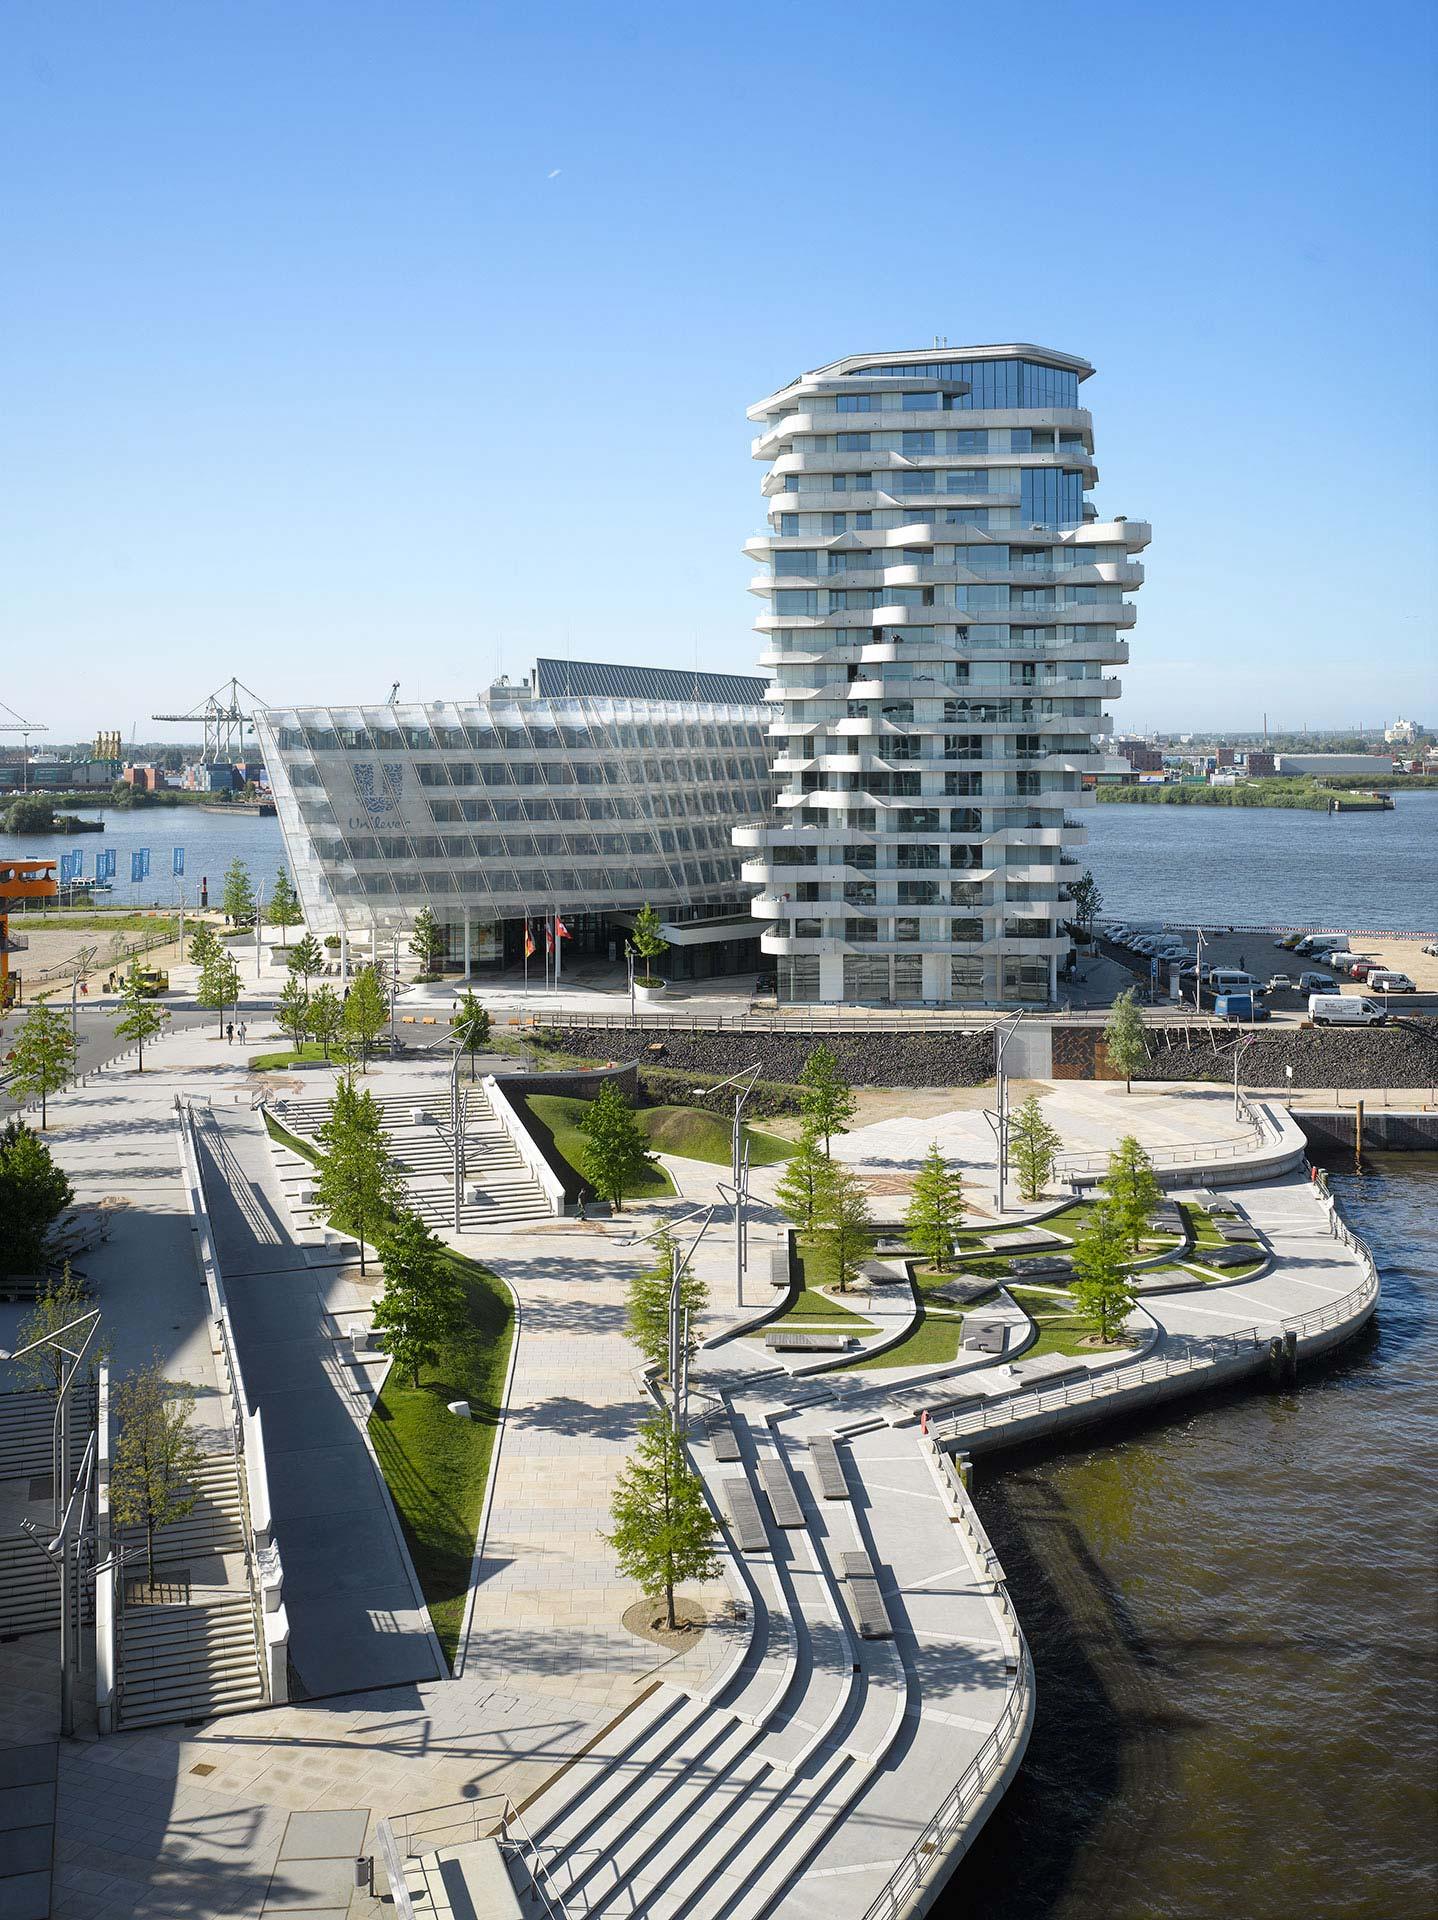 Behnisch Architekten / Marco Polo Tower